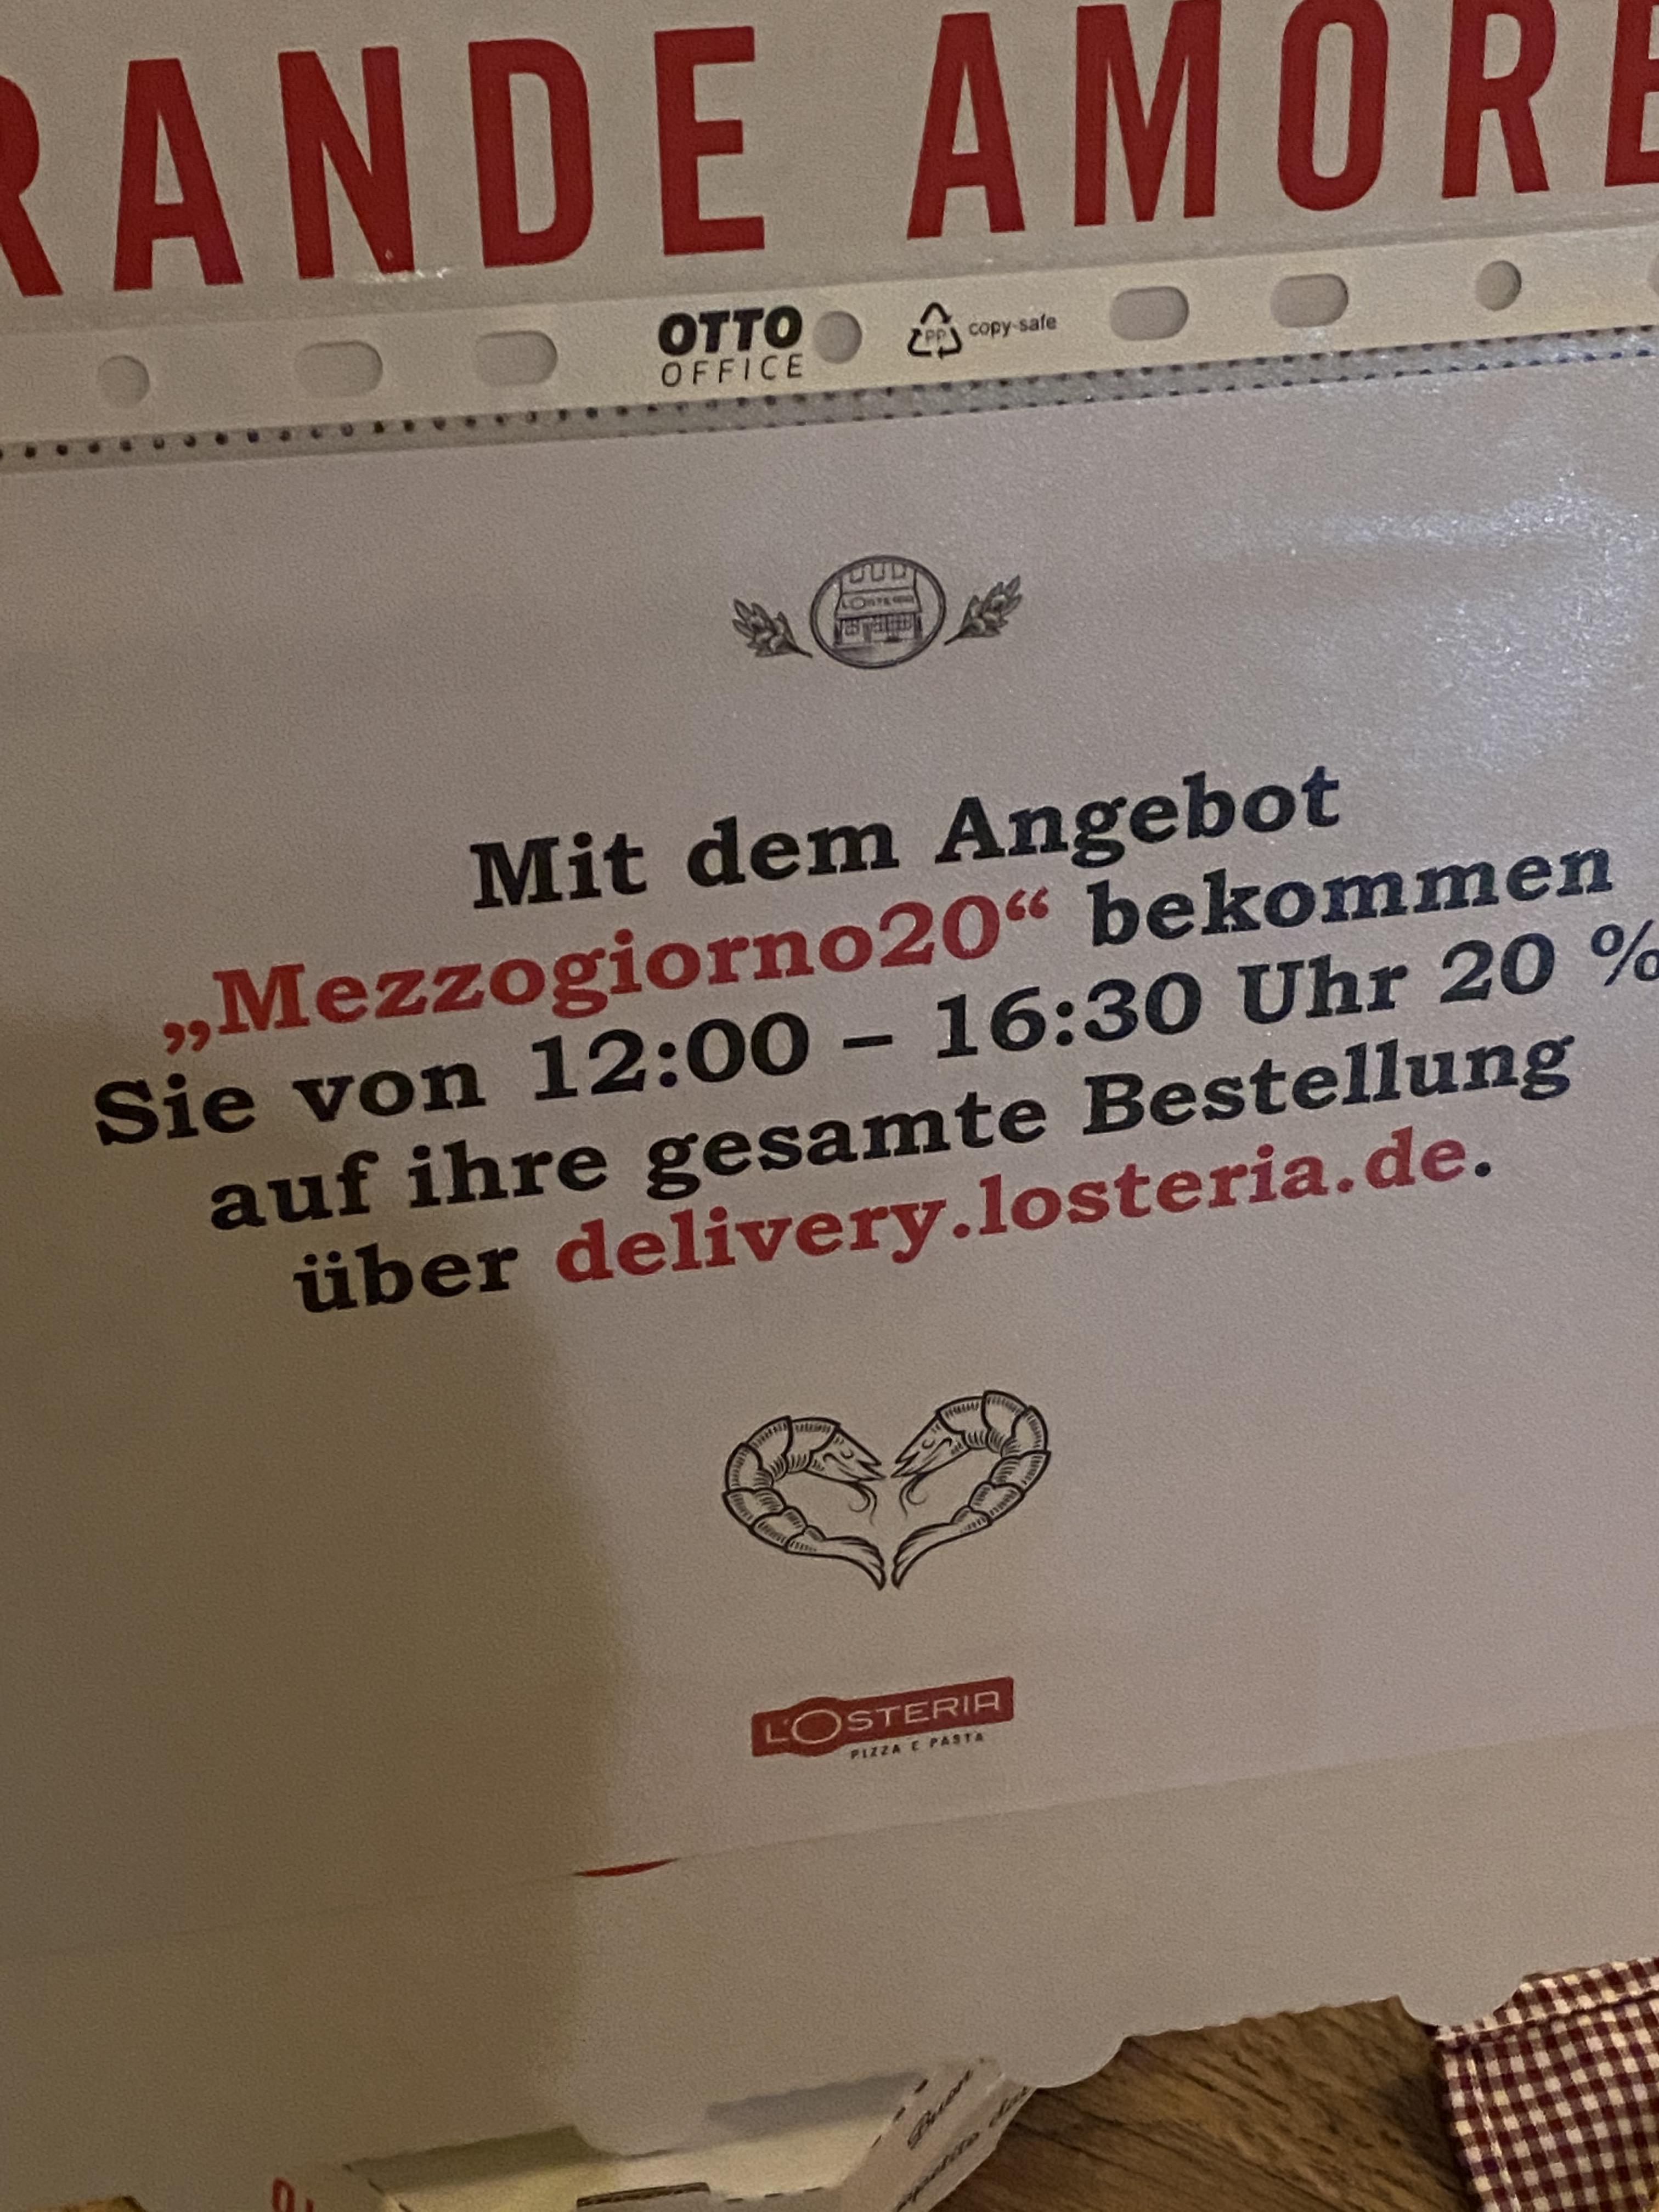 20% L'Osteria Gutschein für Online Bestellung in der Mittagspause (15€ MBW)